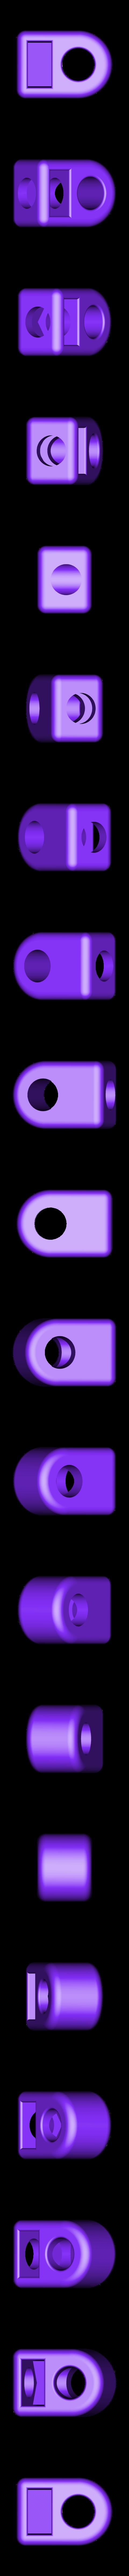 Ba4d9b58 8d60 4b8f b456 72e61d1f4bf2